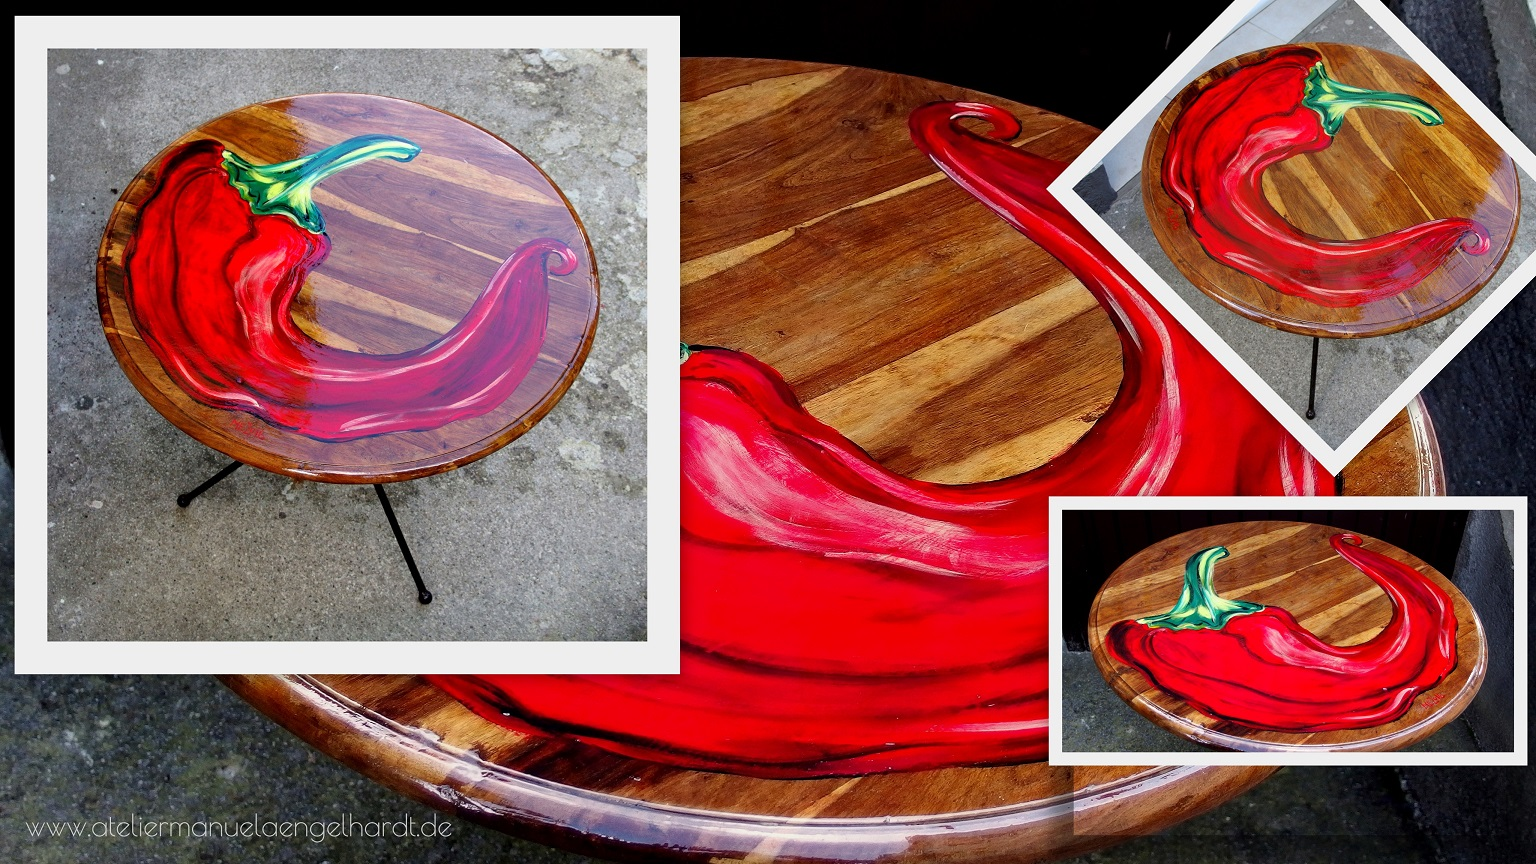 Peperoni Vintage Gartentisch - Nicht mehr verfügbar.